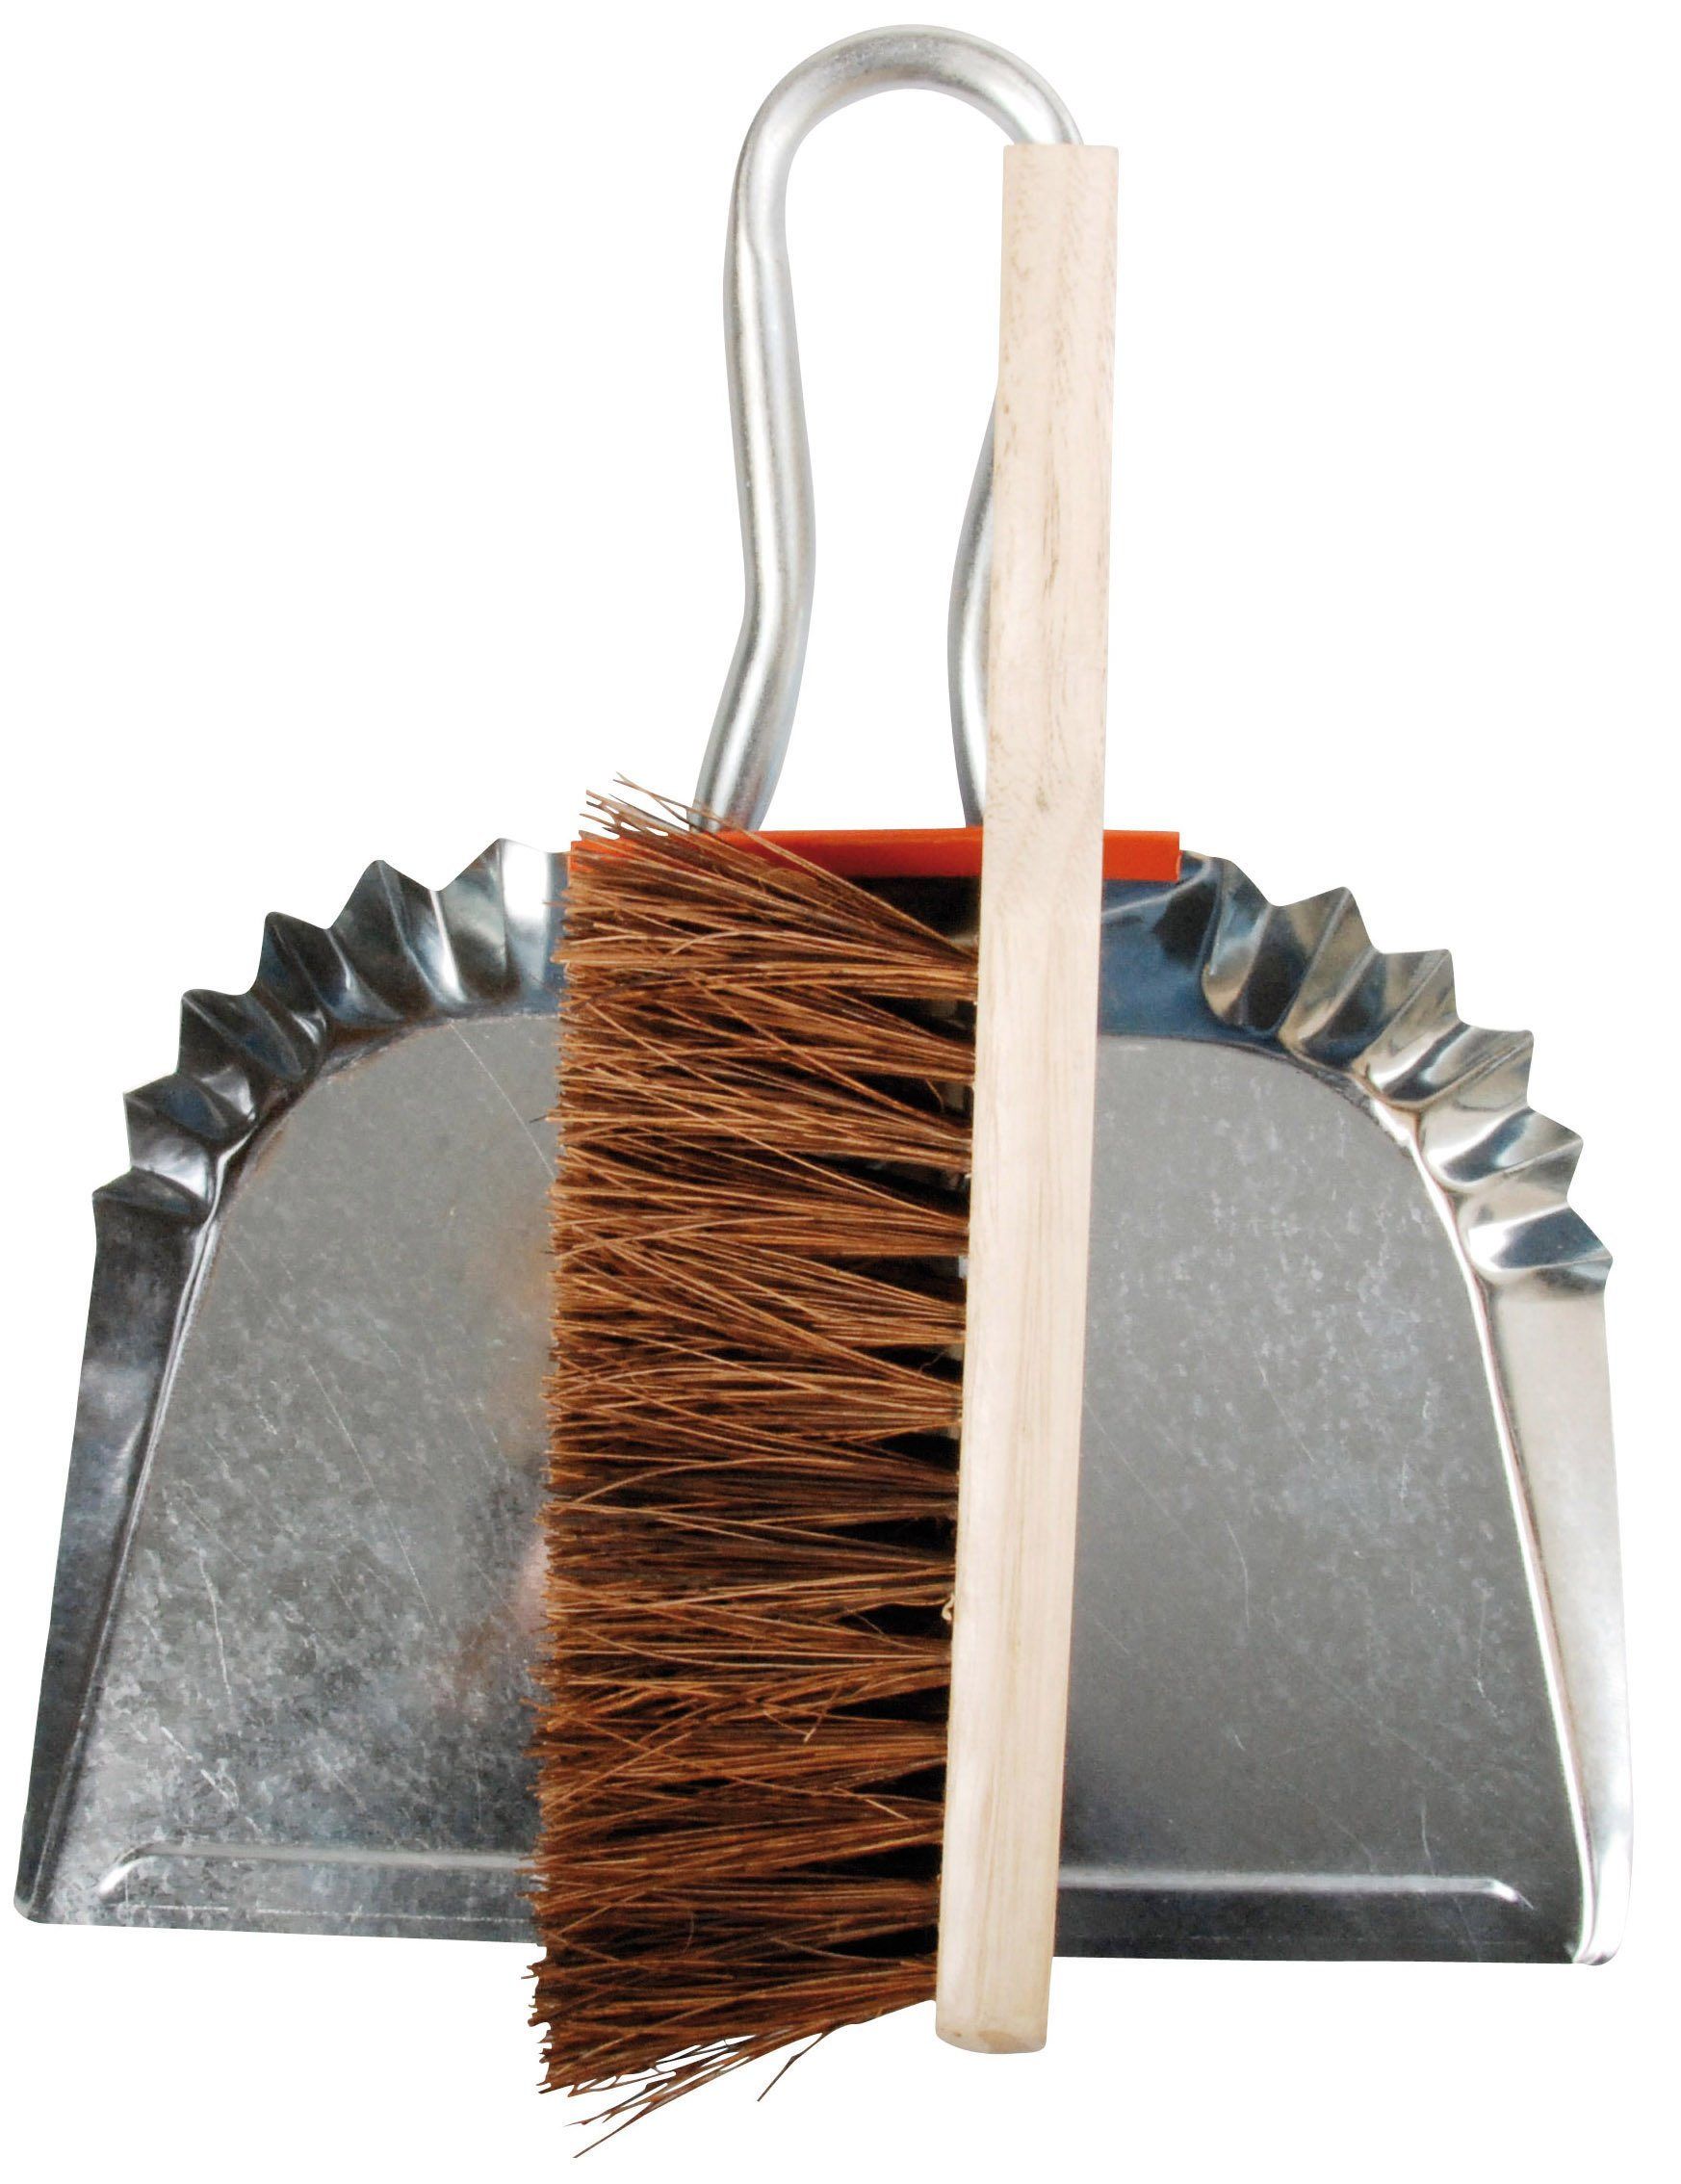 Esschert Design Metal Dustpan with Wood Handle Broom